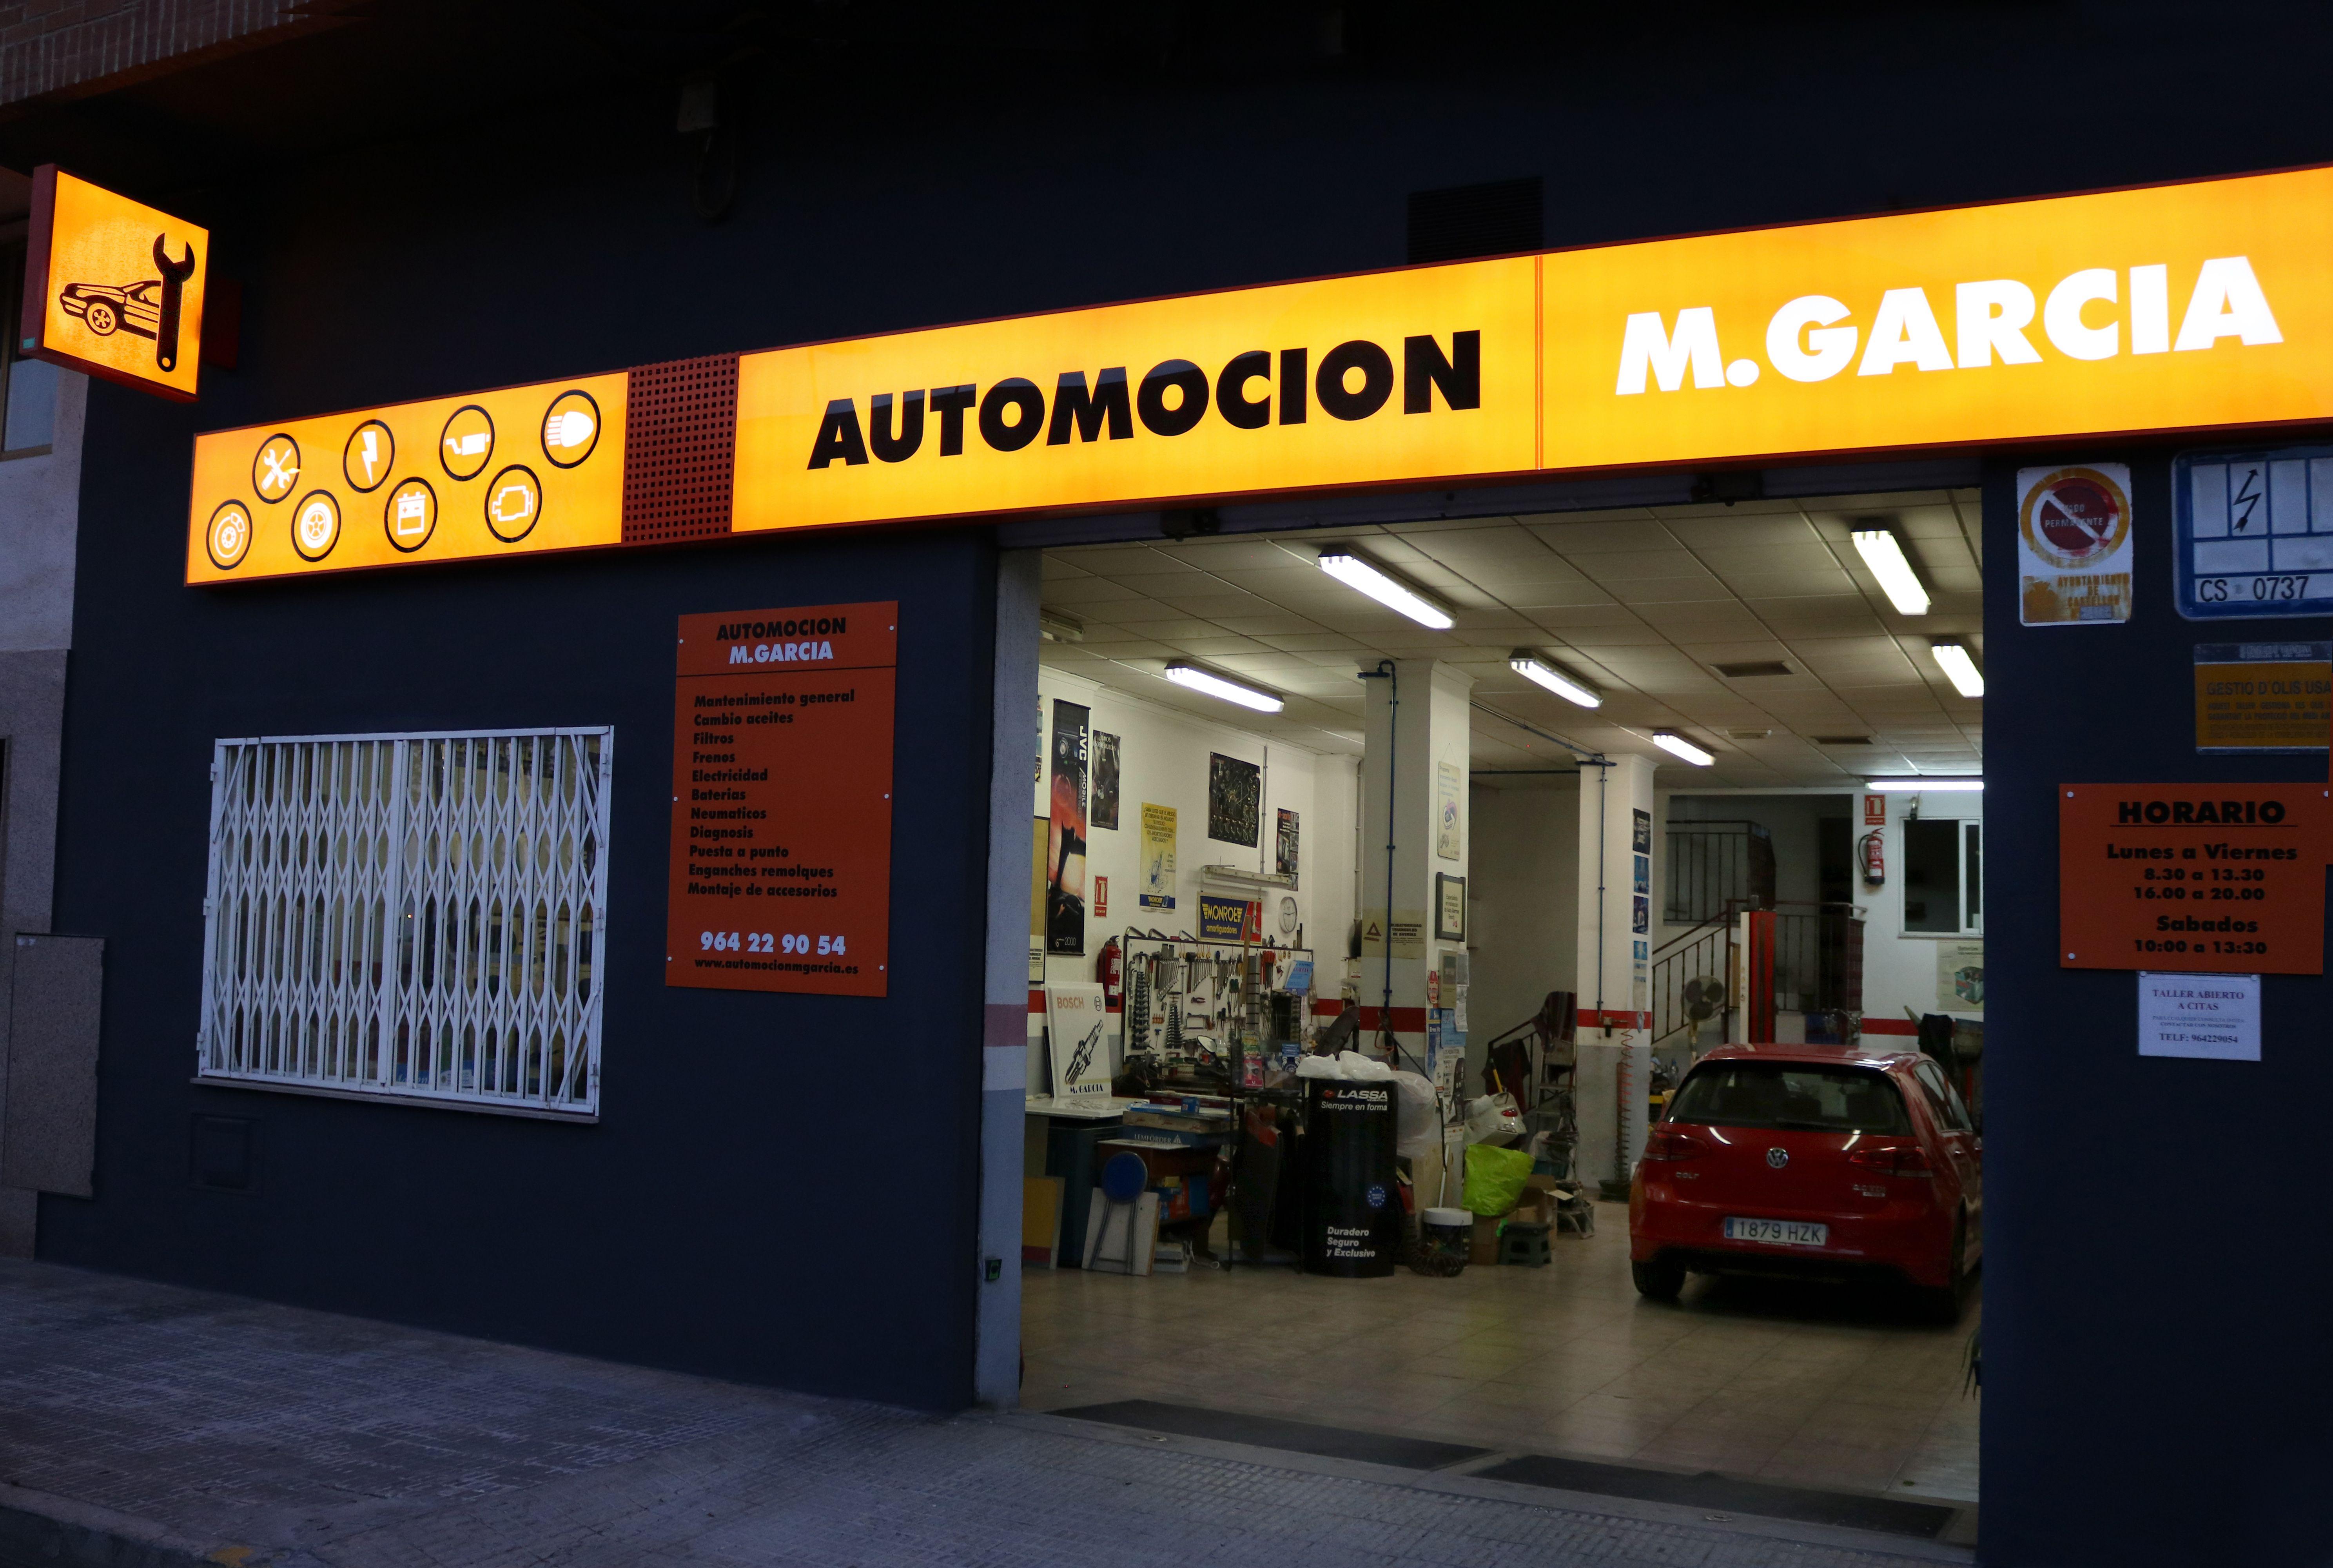 Automoción M.García, Taller electro mecánico multimarca en Castellón